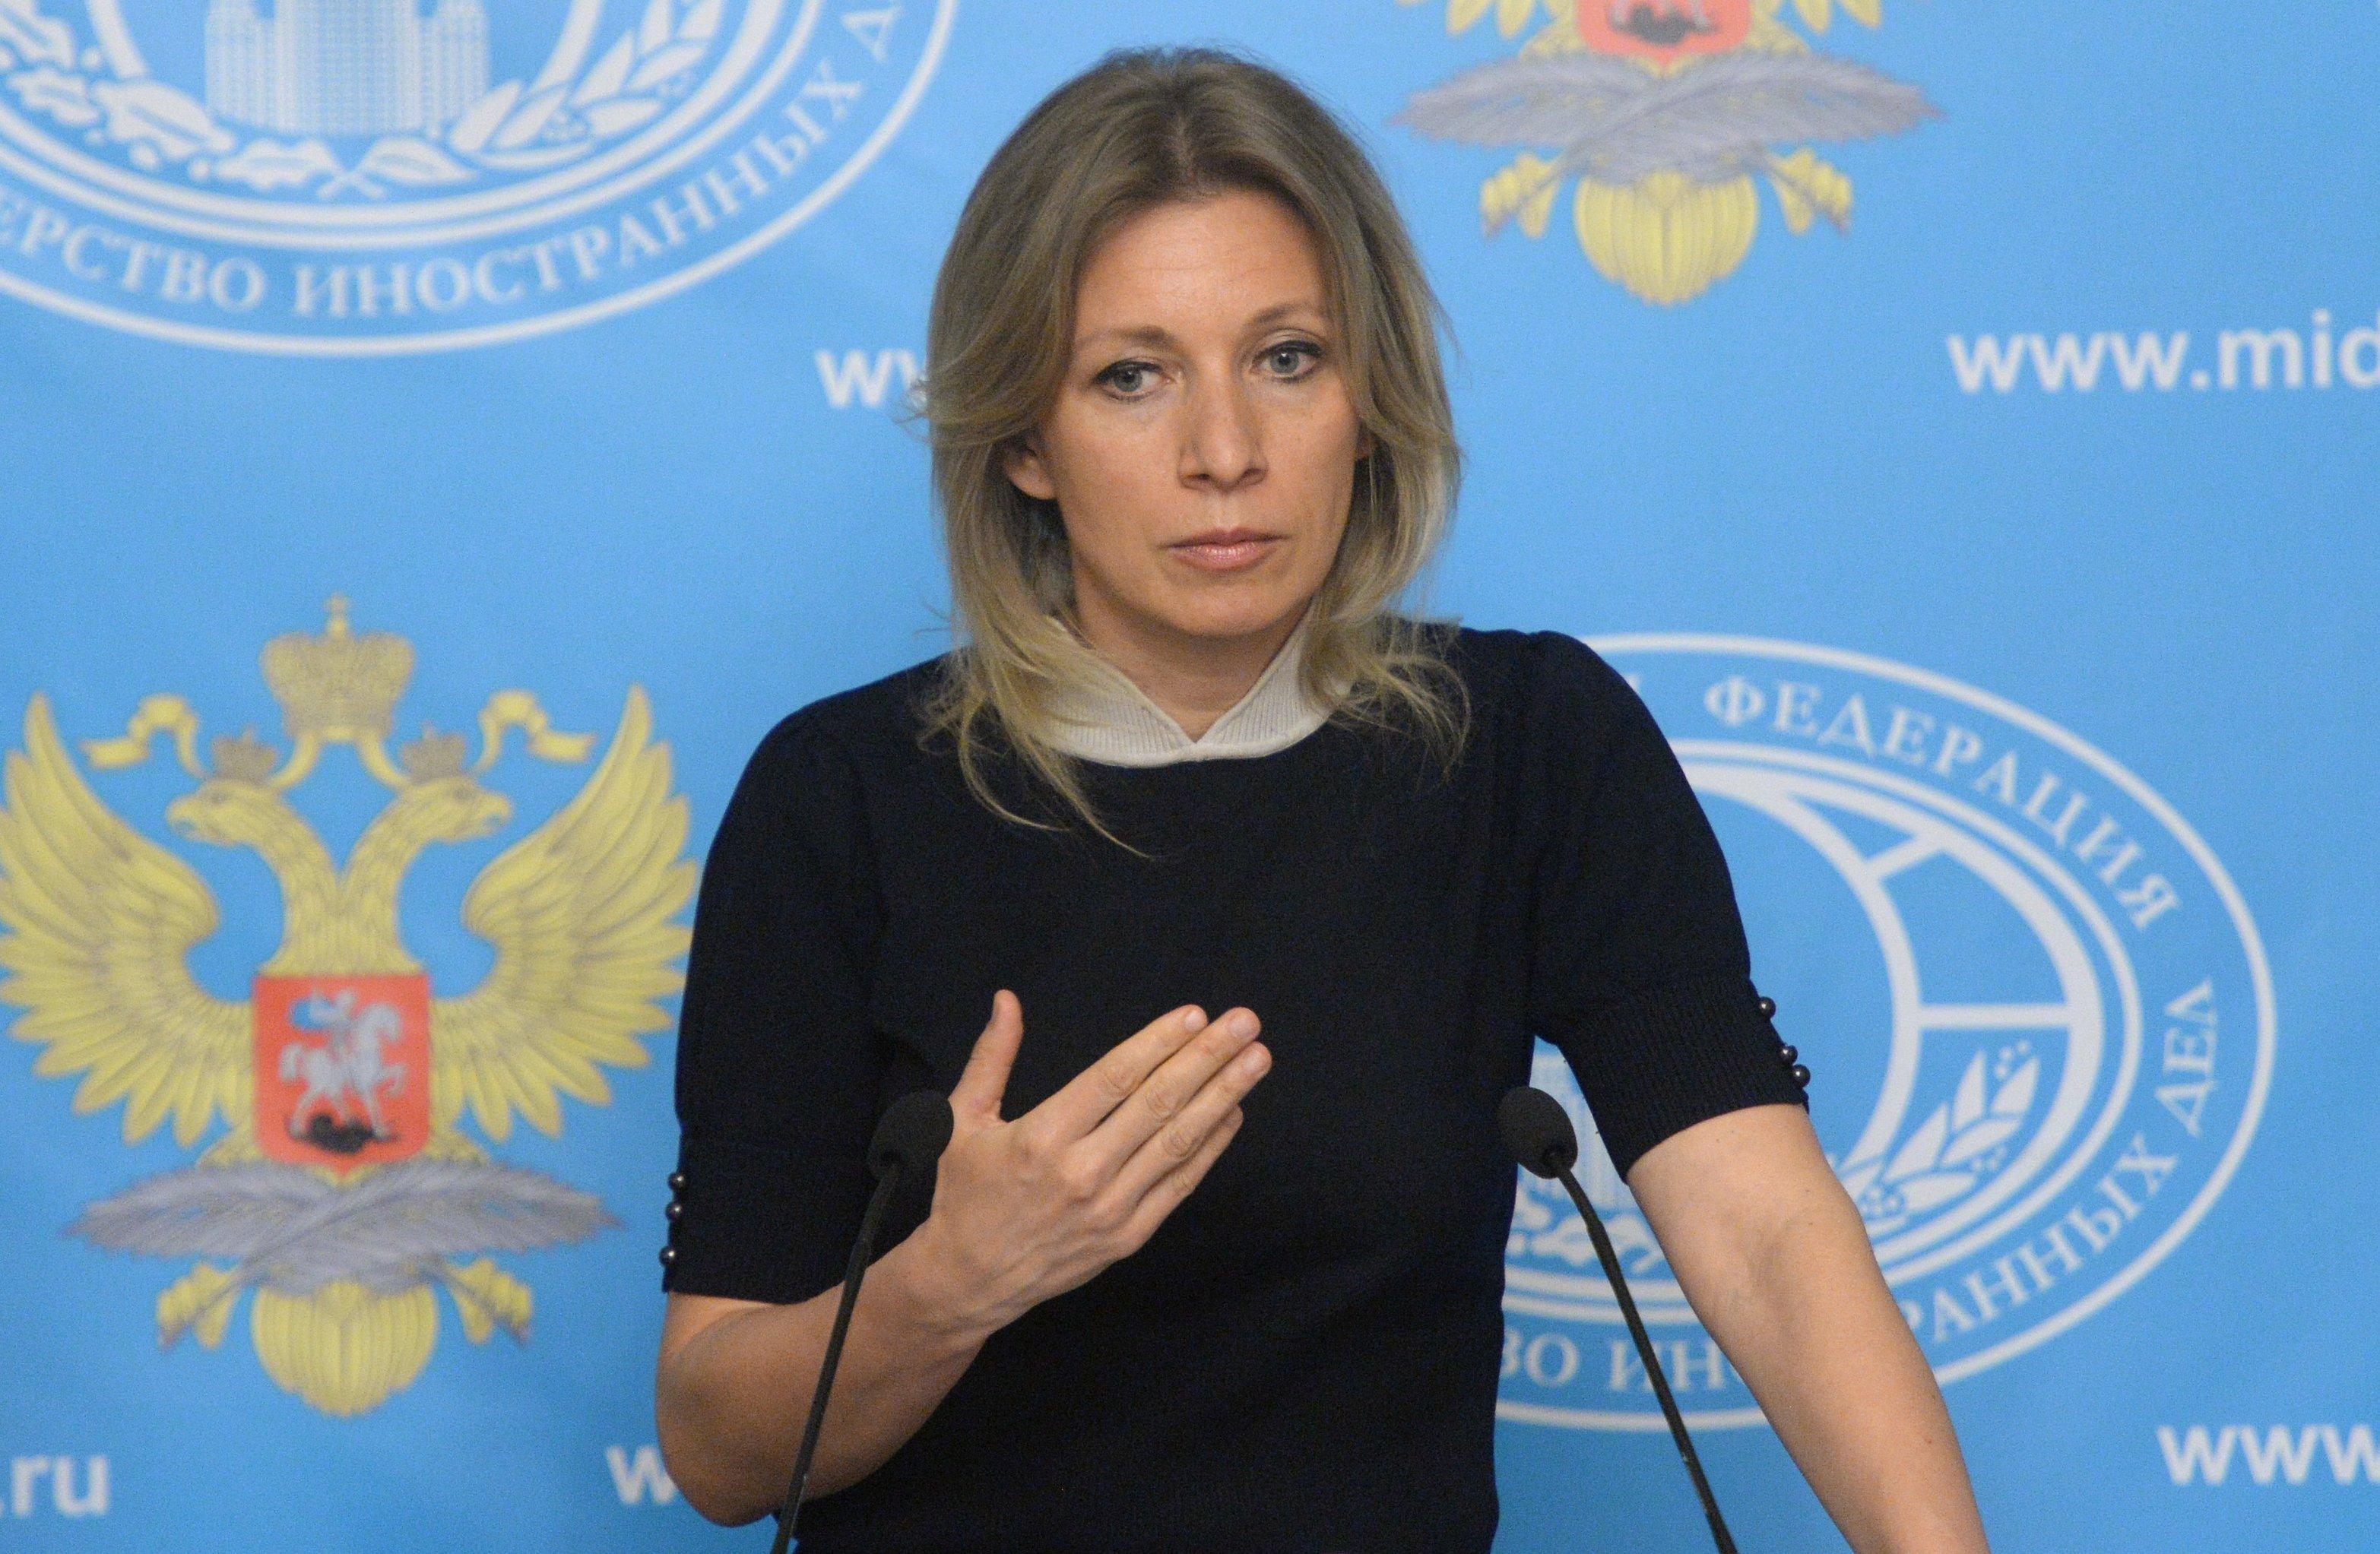 Representante oficial do Ministério das Relações Exteriores russo, Maria Zakharova, durante a entrevista coletiva semanal, Moscou, Rússia, 12 de maio de 2016